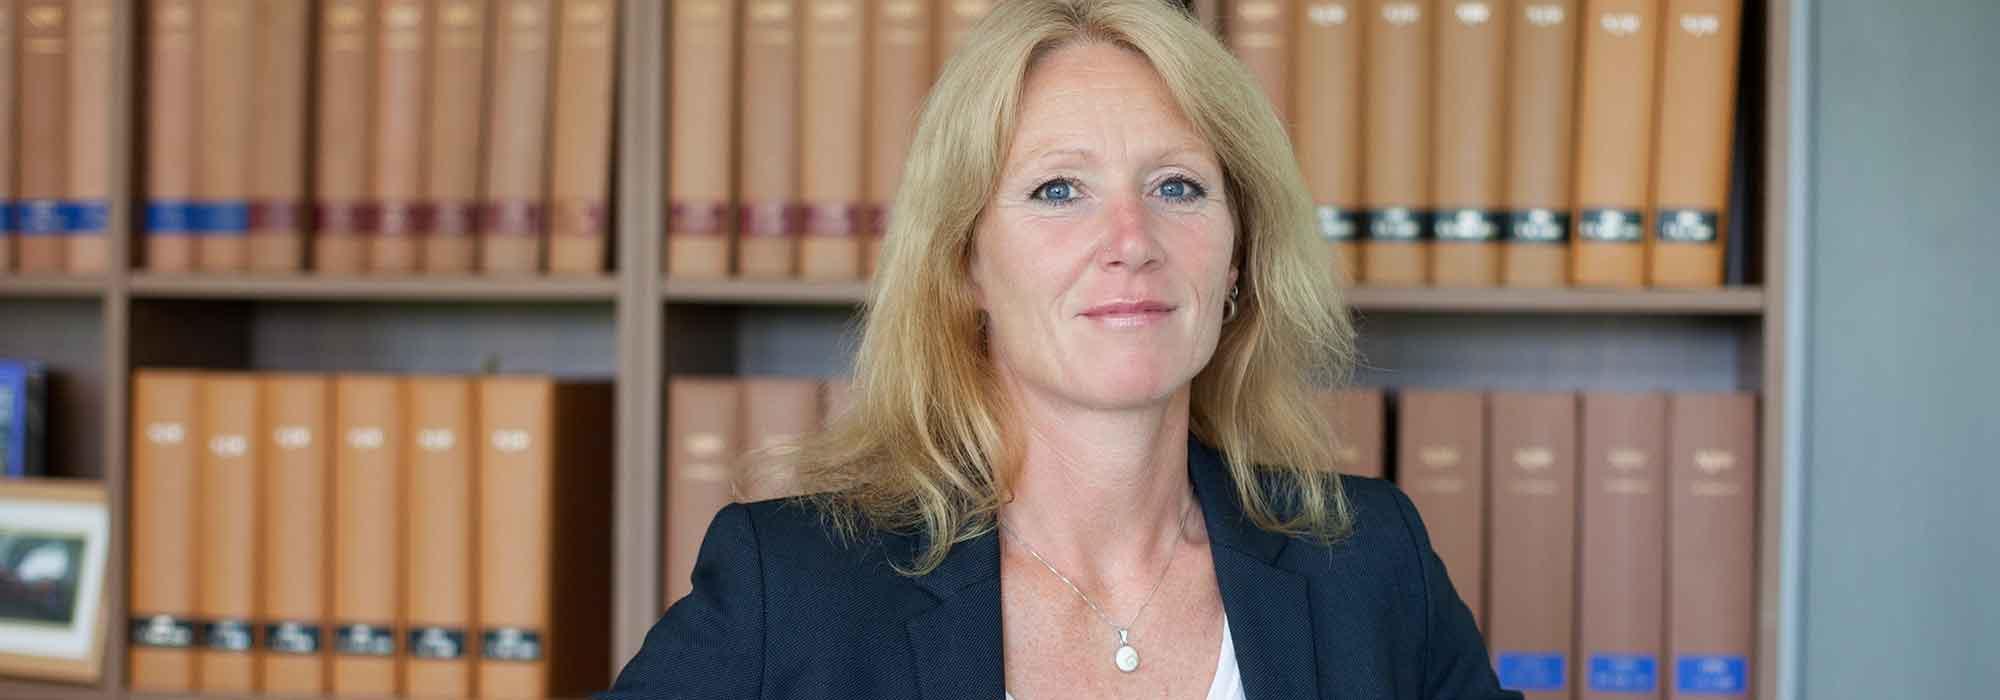 Anwalt bei Motorradunfall, Ines Gläser